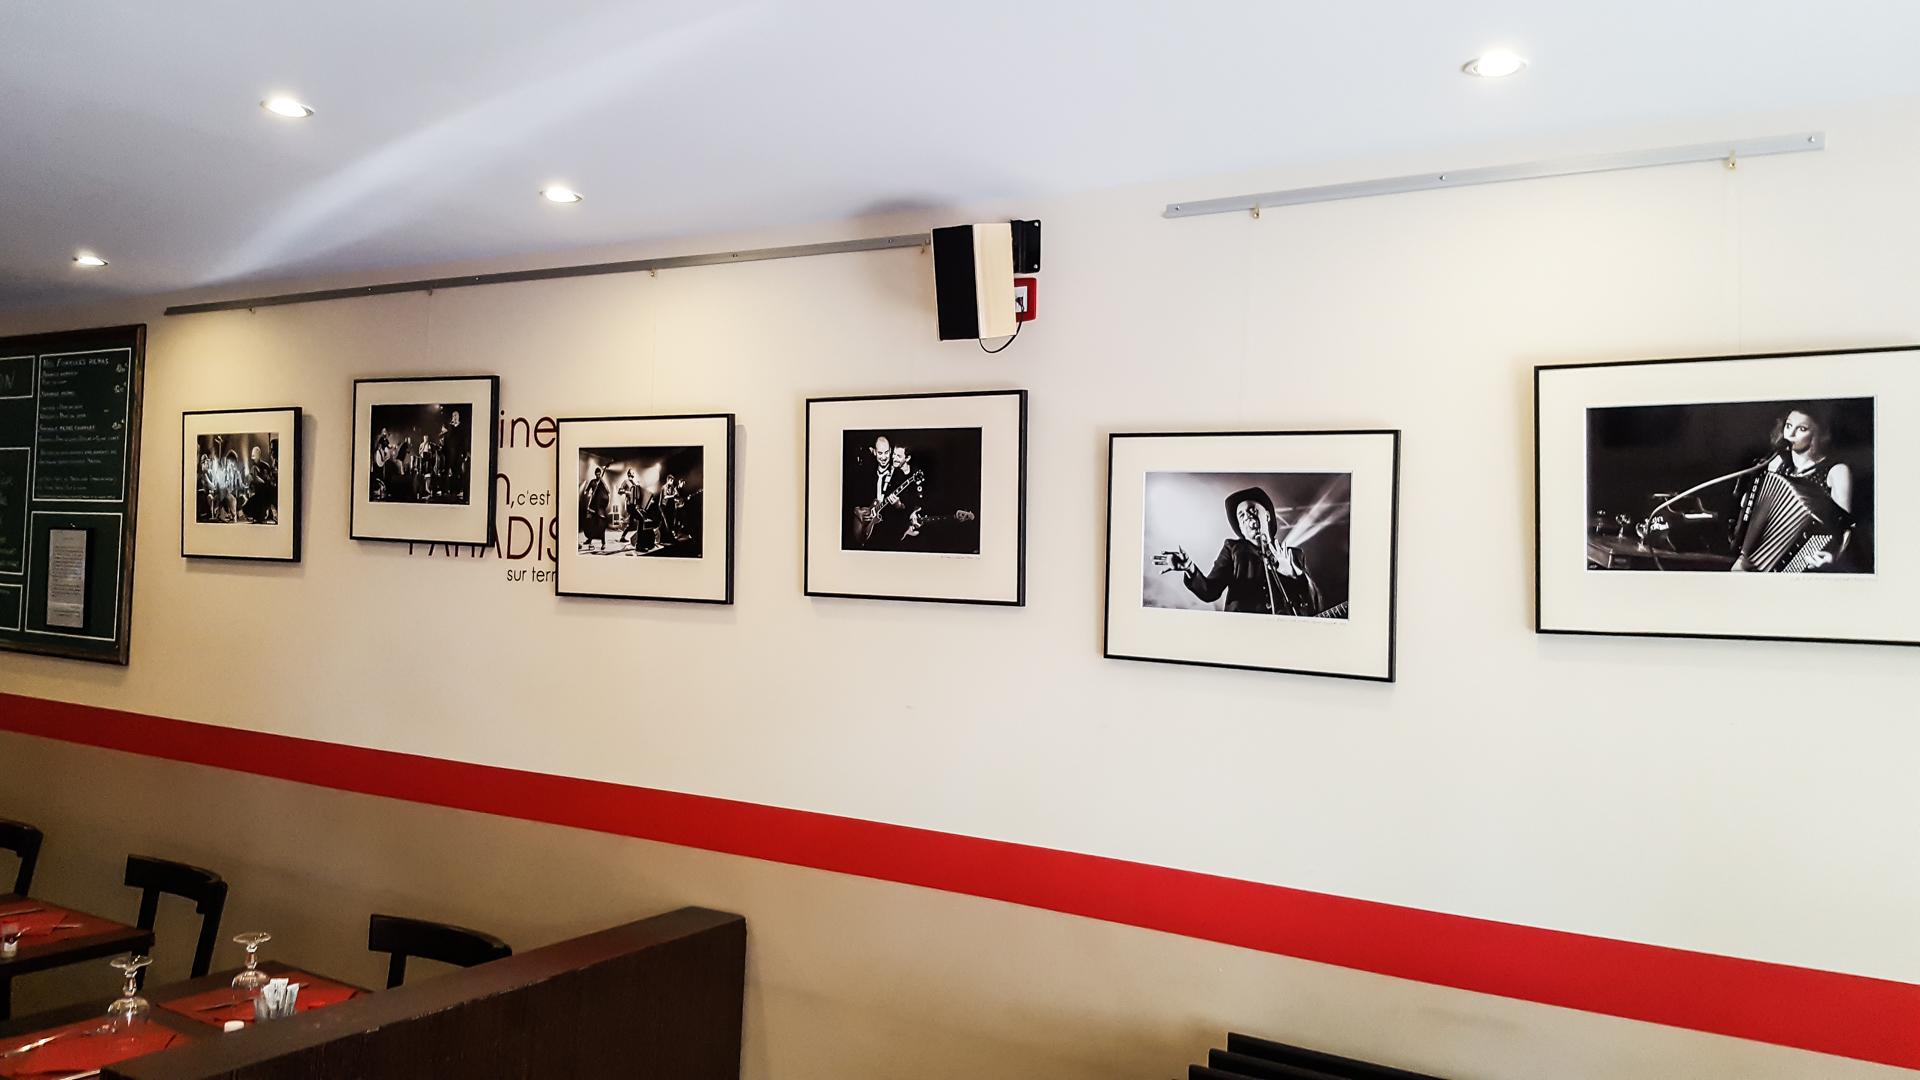 expos photos de concerts 93683320160429113051